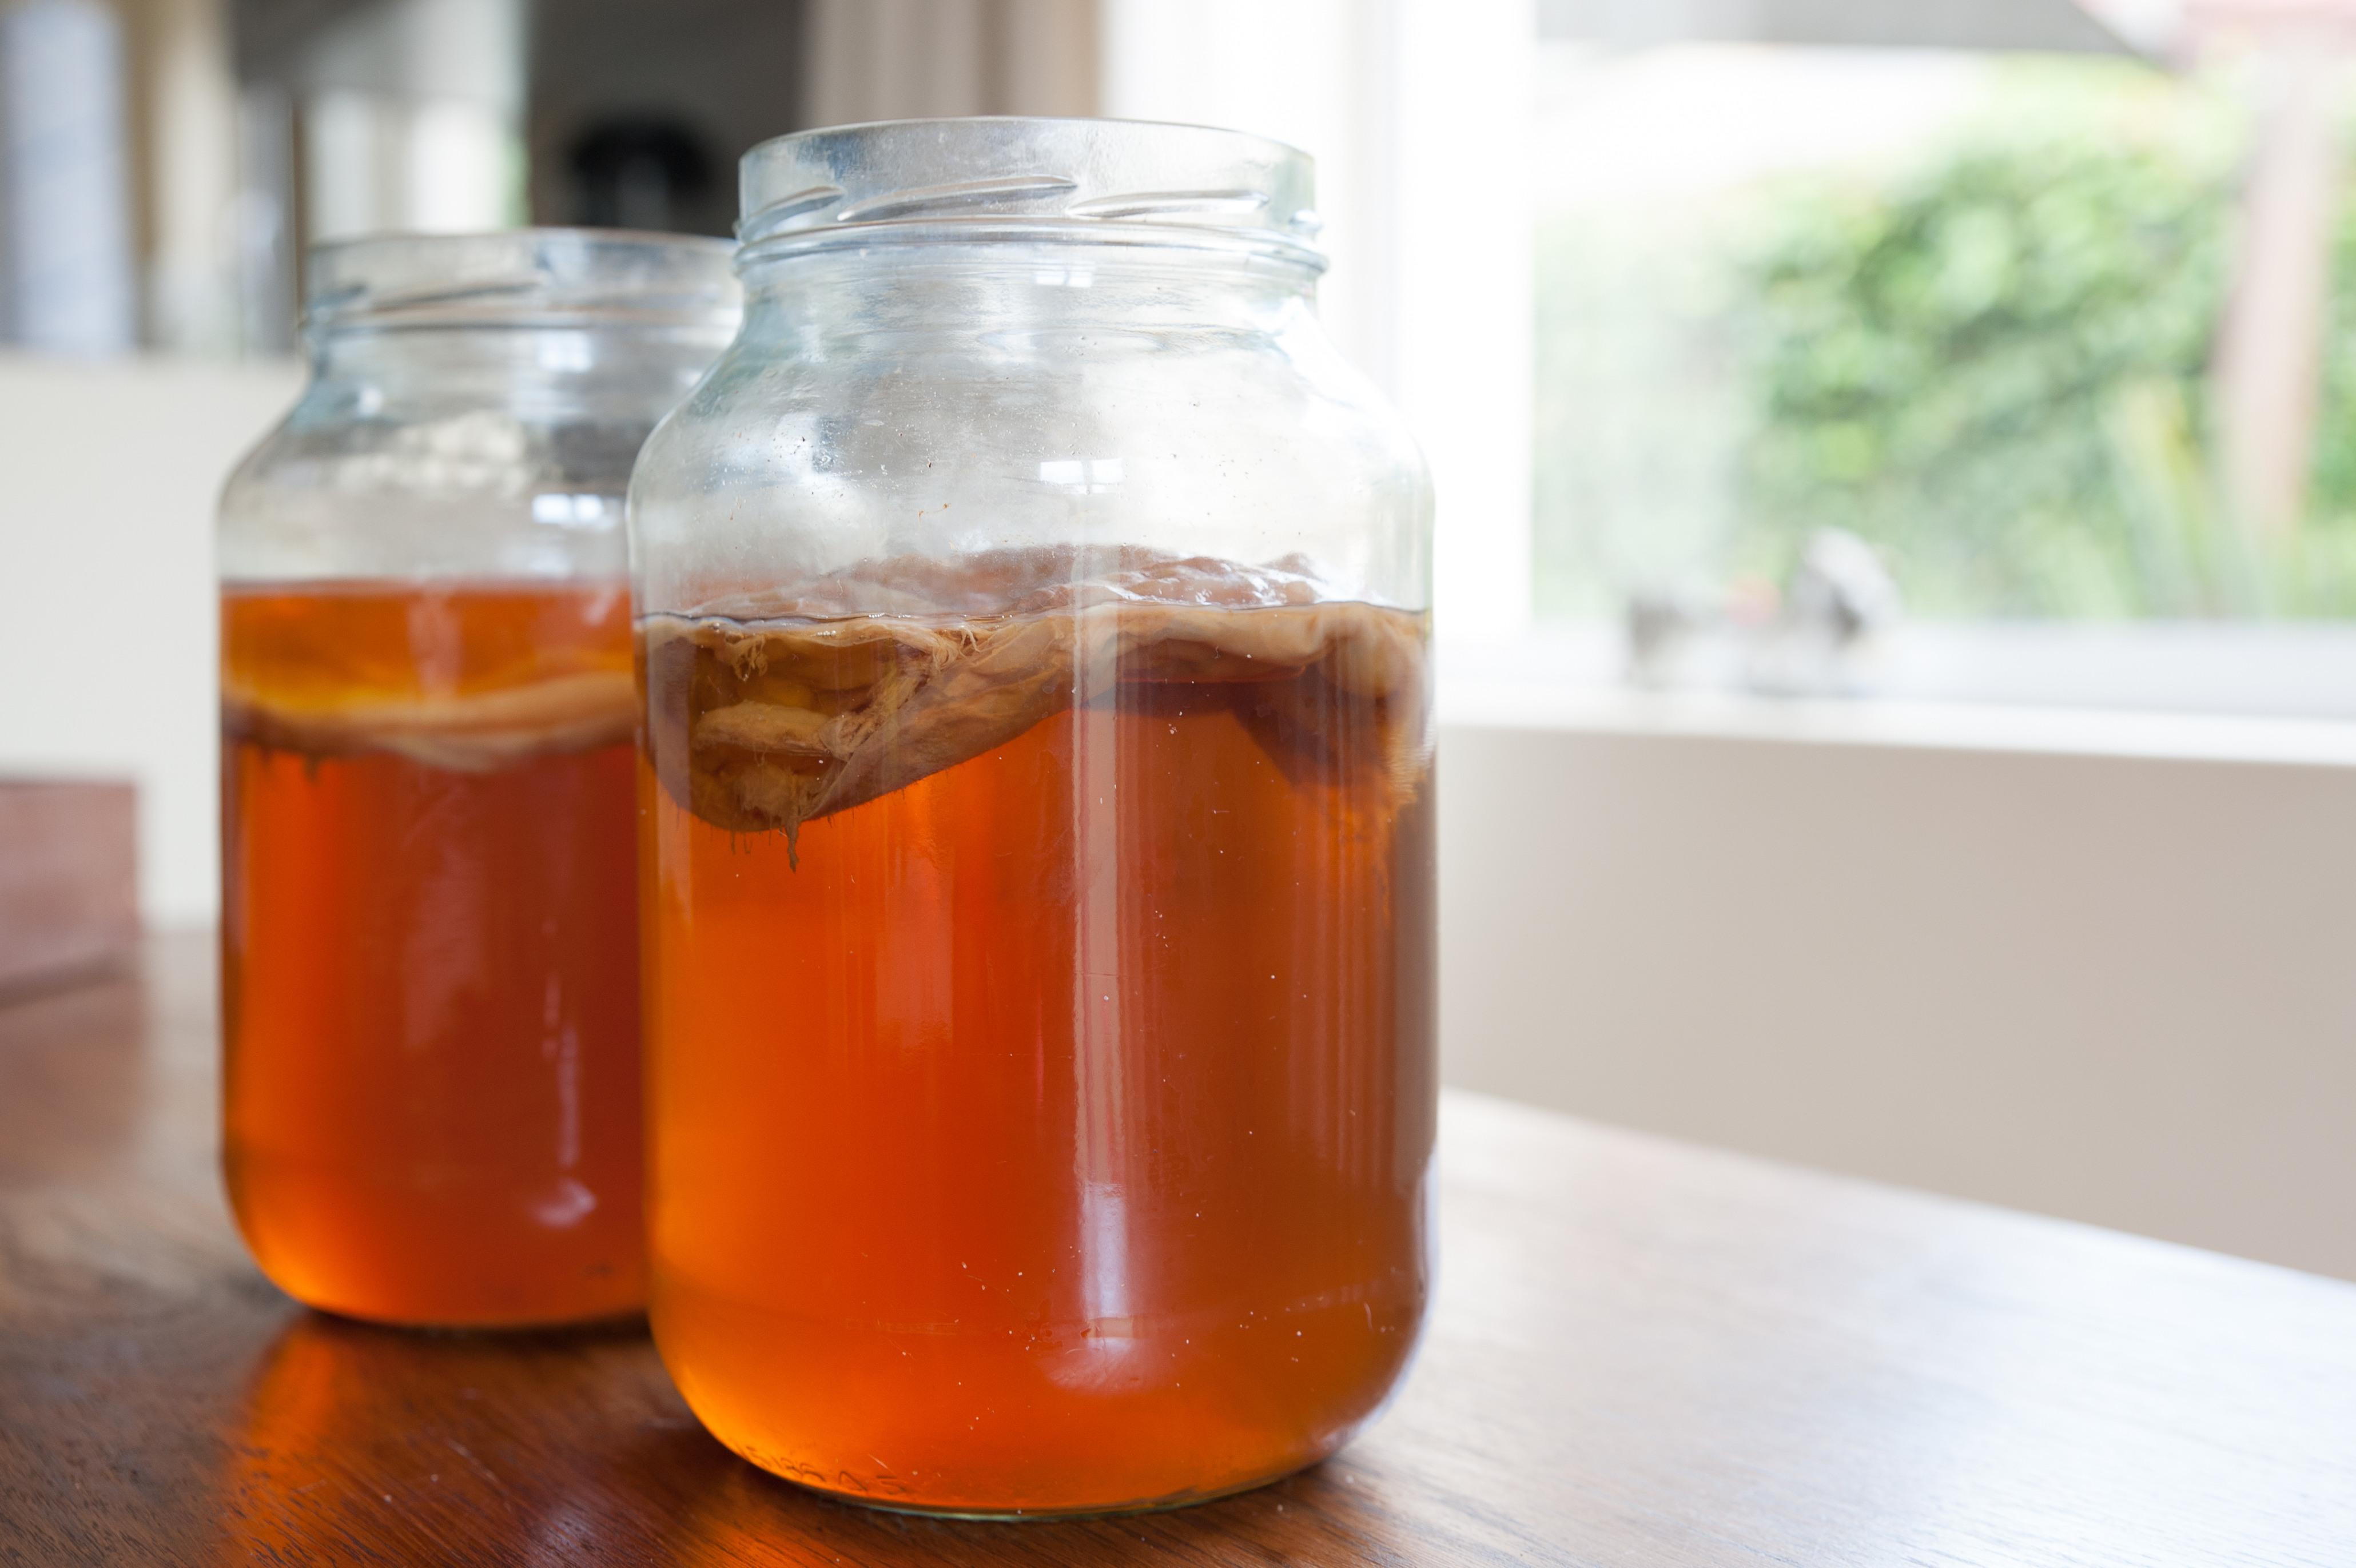 Fermentering - kombucha, kefir & ginger bug NYHET